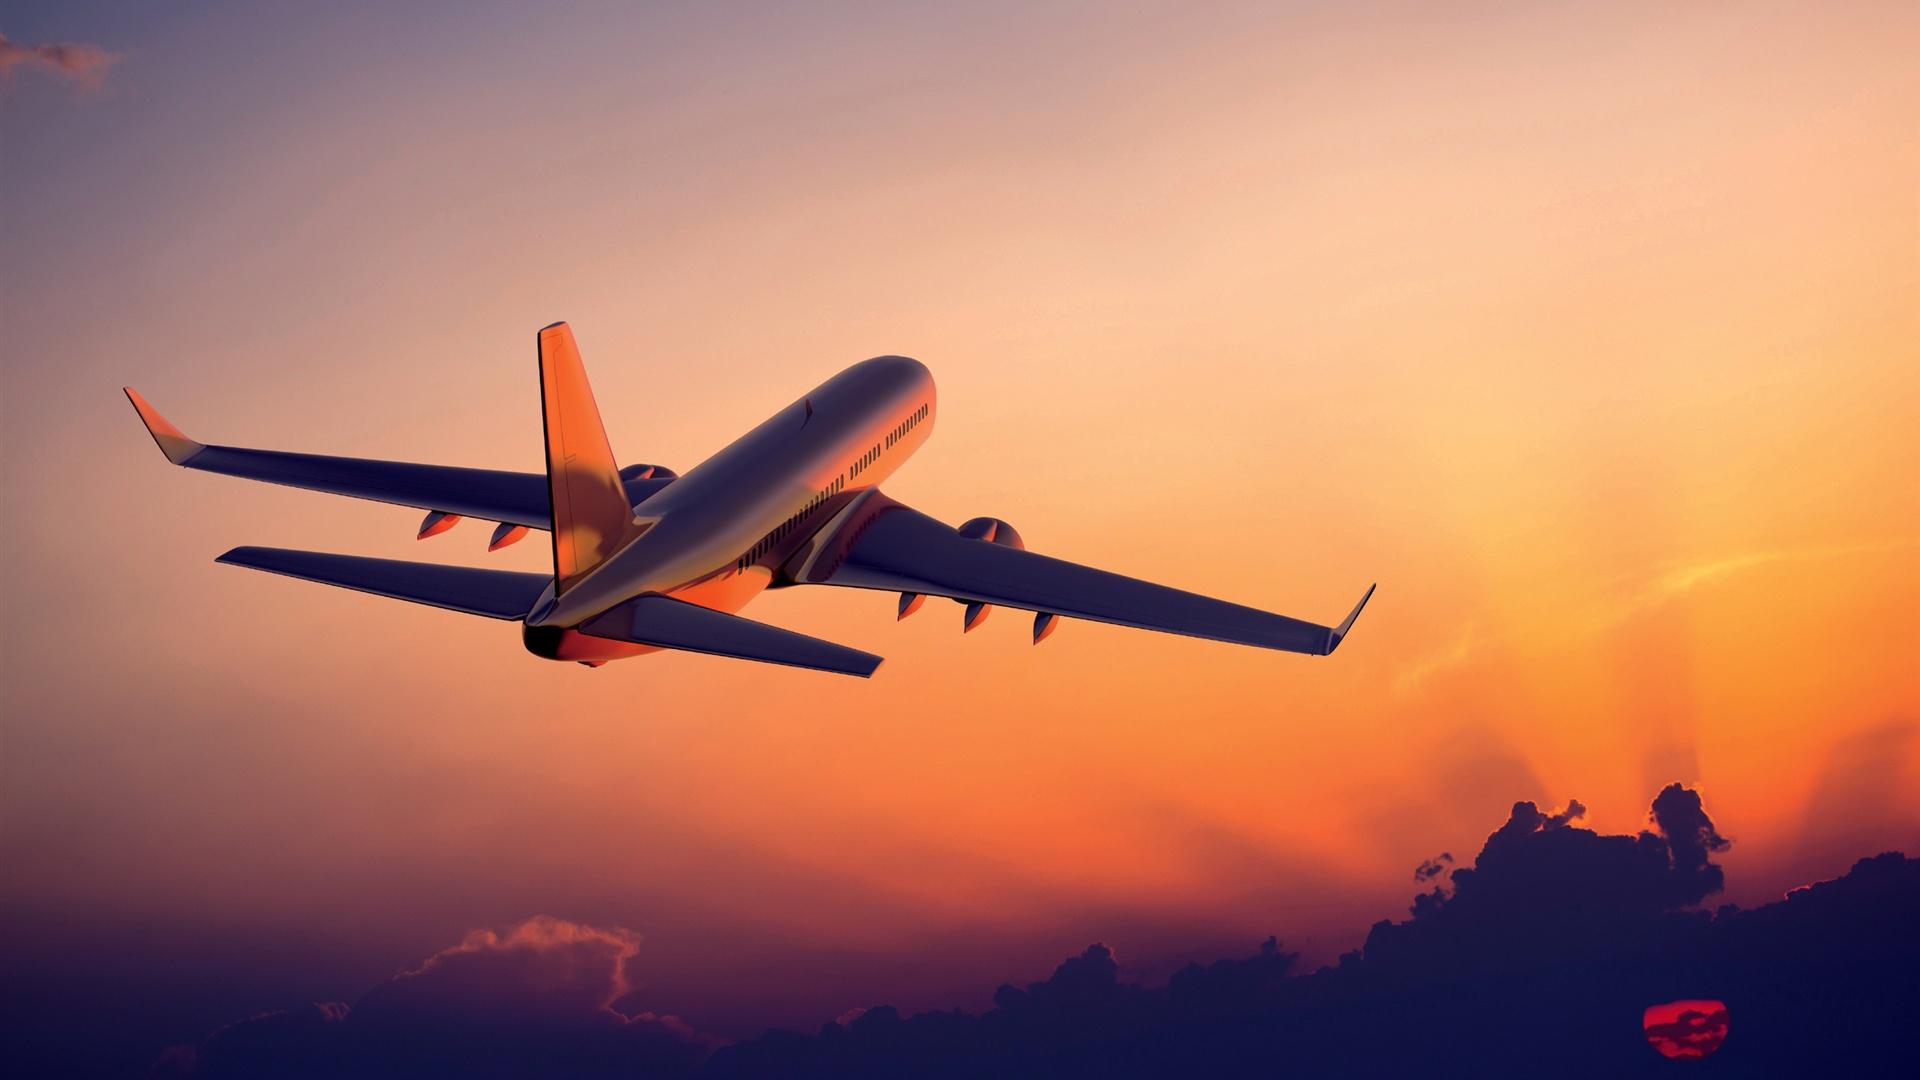 O Transporte de carga aérea não pára! Green Ibérica - Air cargo